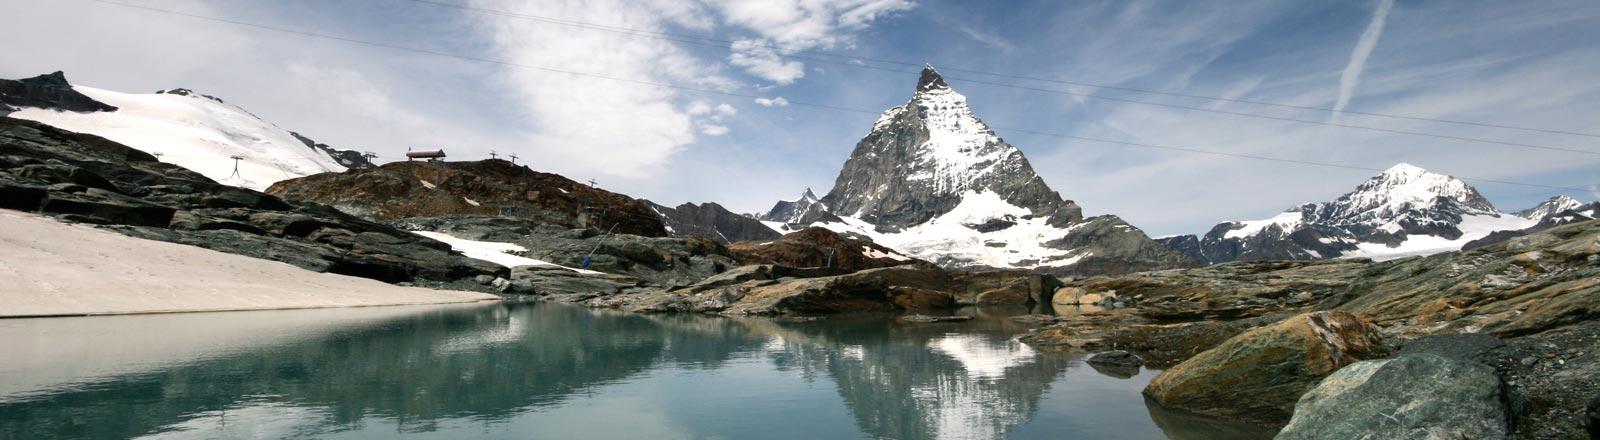 Ein Bergsee ist in der Schweiz.